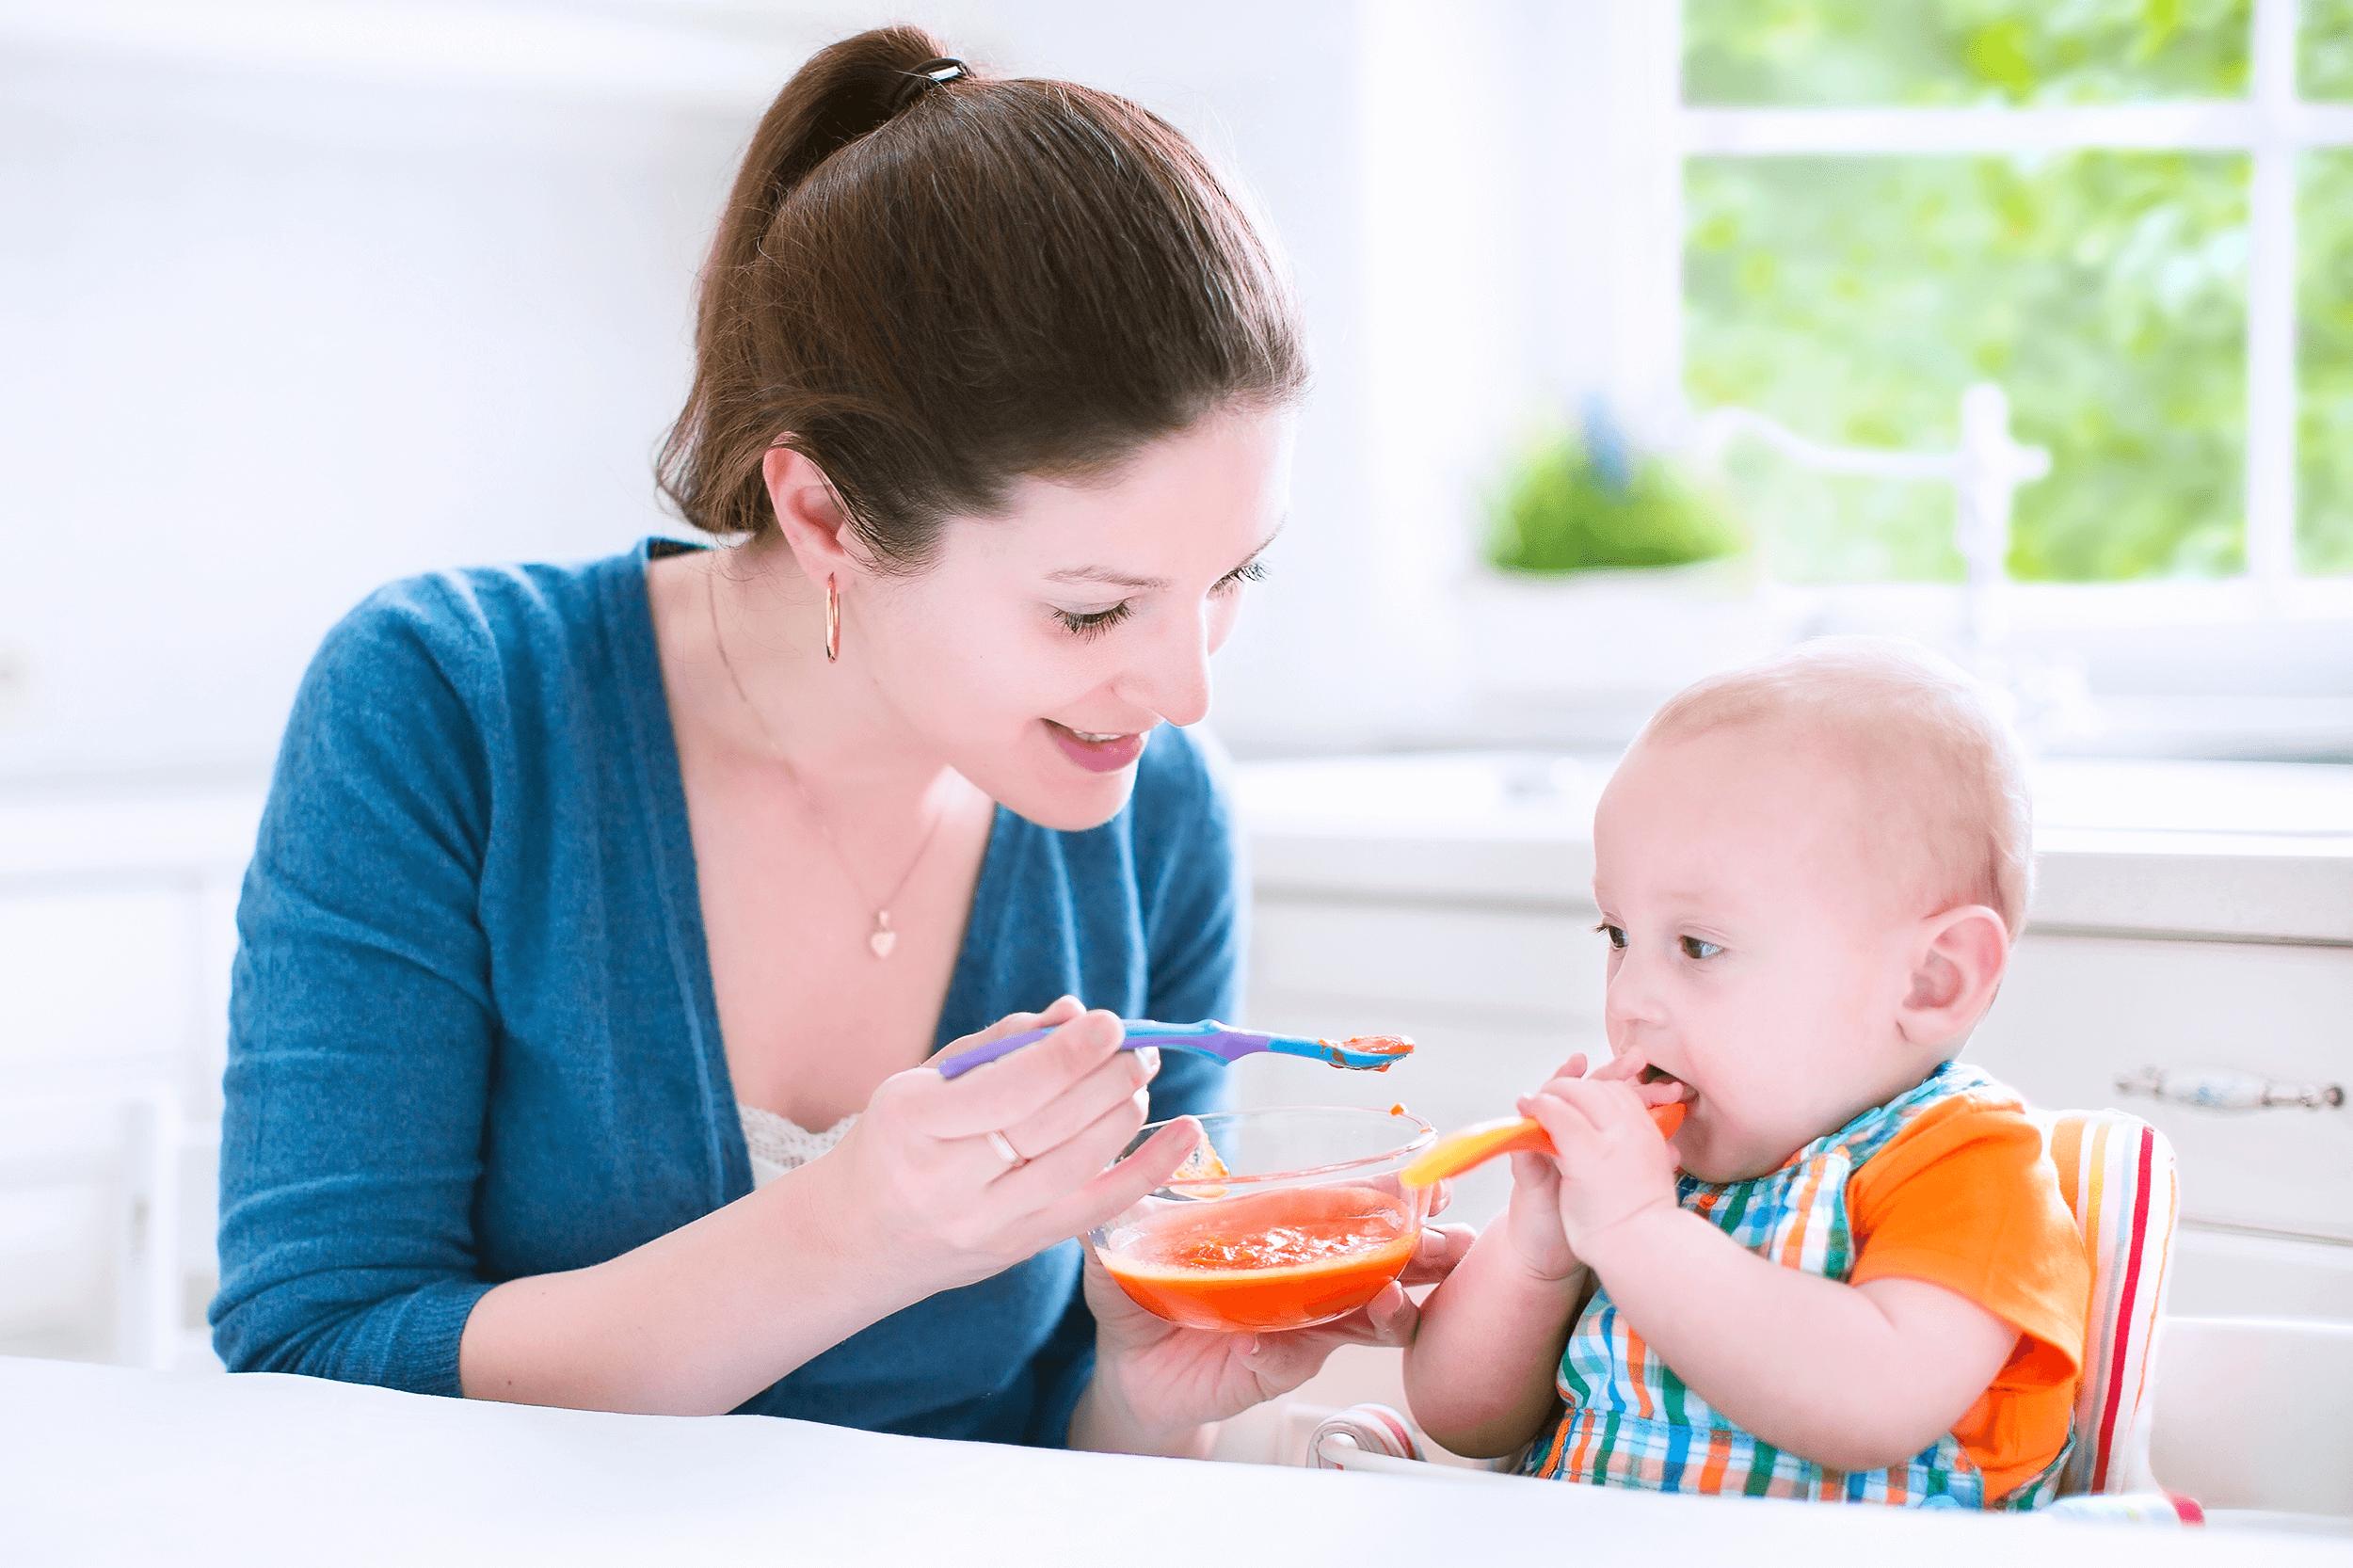 Khi trẻ bị bệnh, cần cho trẻ ăn đầy đủ chất dinh dưỡng